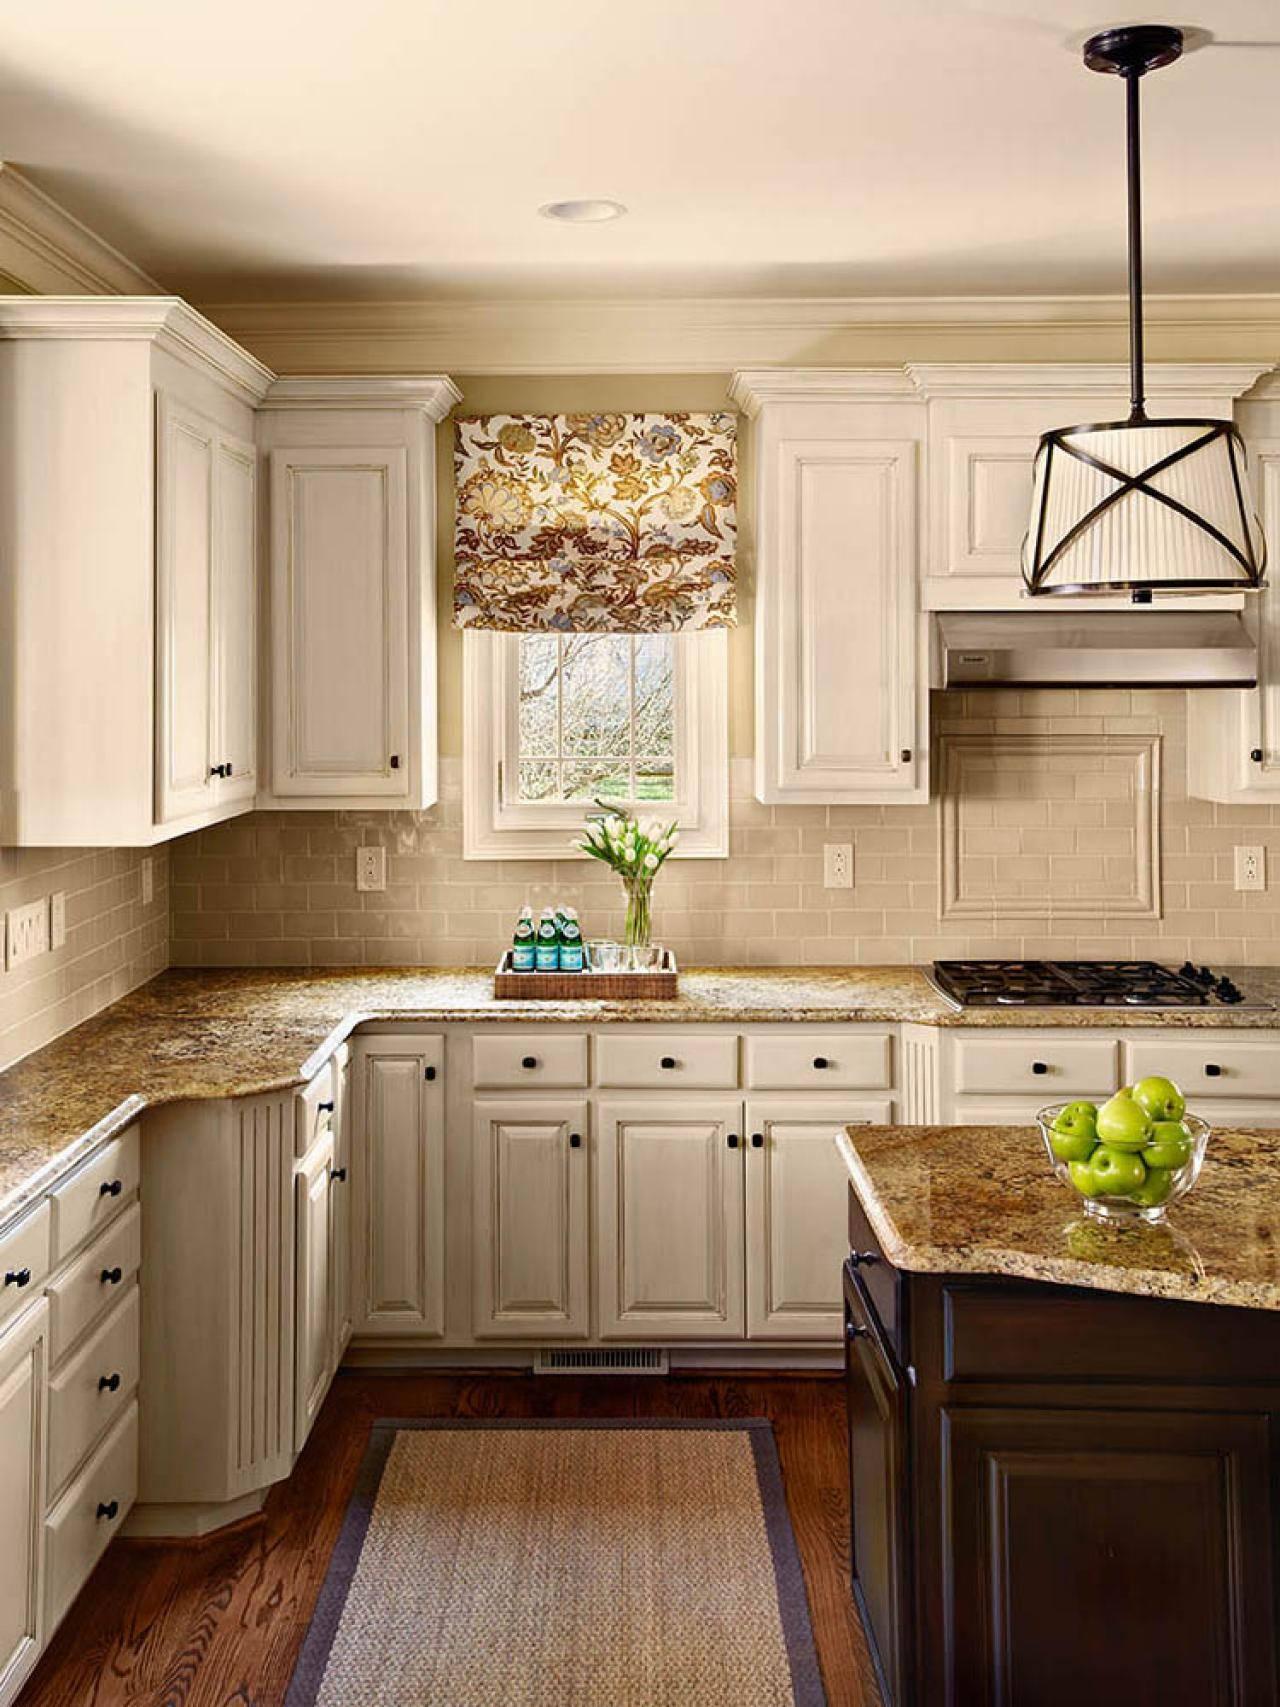 Kitchen Cabinet Paint Colors Ideas Hgtv - Cute Homes | #98391